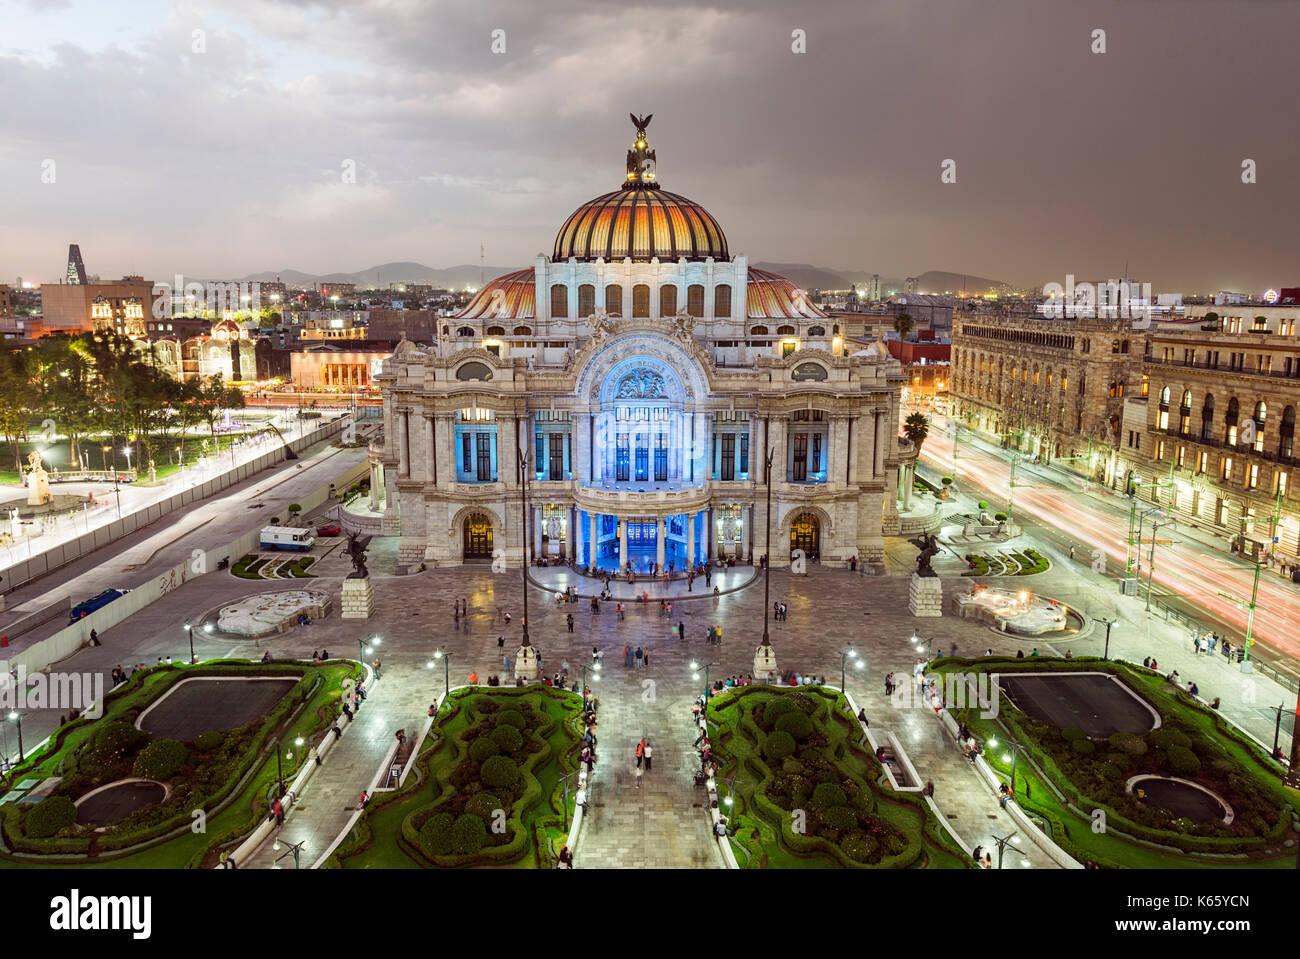 Palacio de Bellas Artes en la Ciudad de México Imagen De Stock